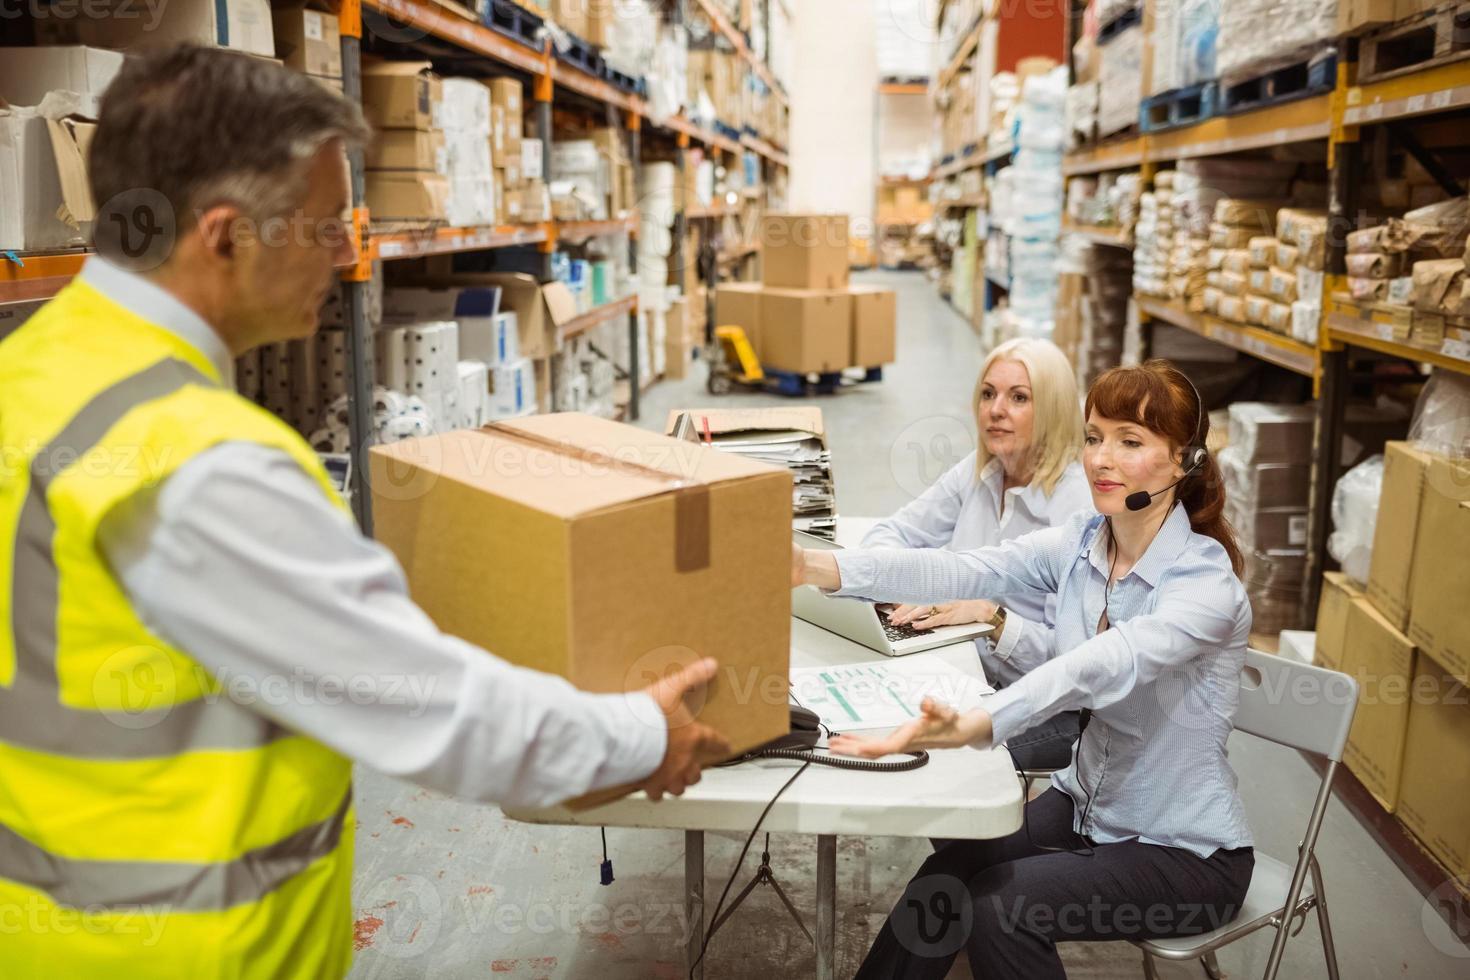 gestionnaire, porter, gilet jaune, donner, boîte, à, sien, collègue photo